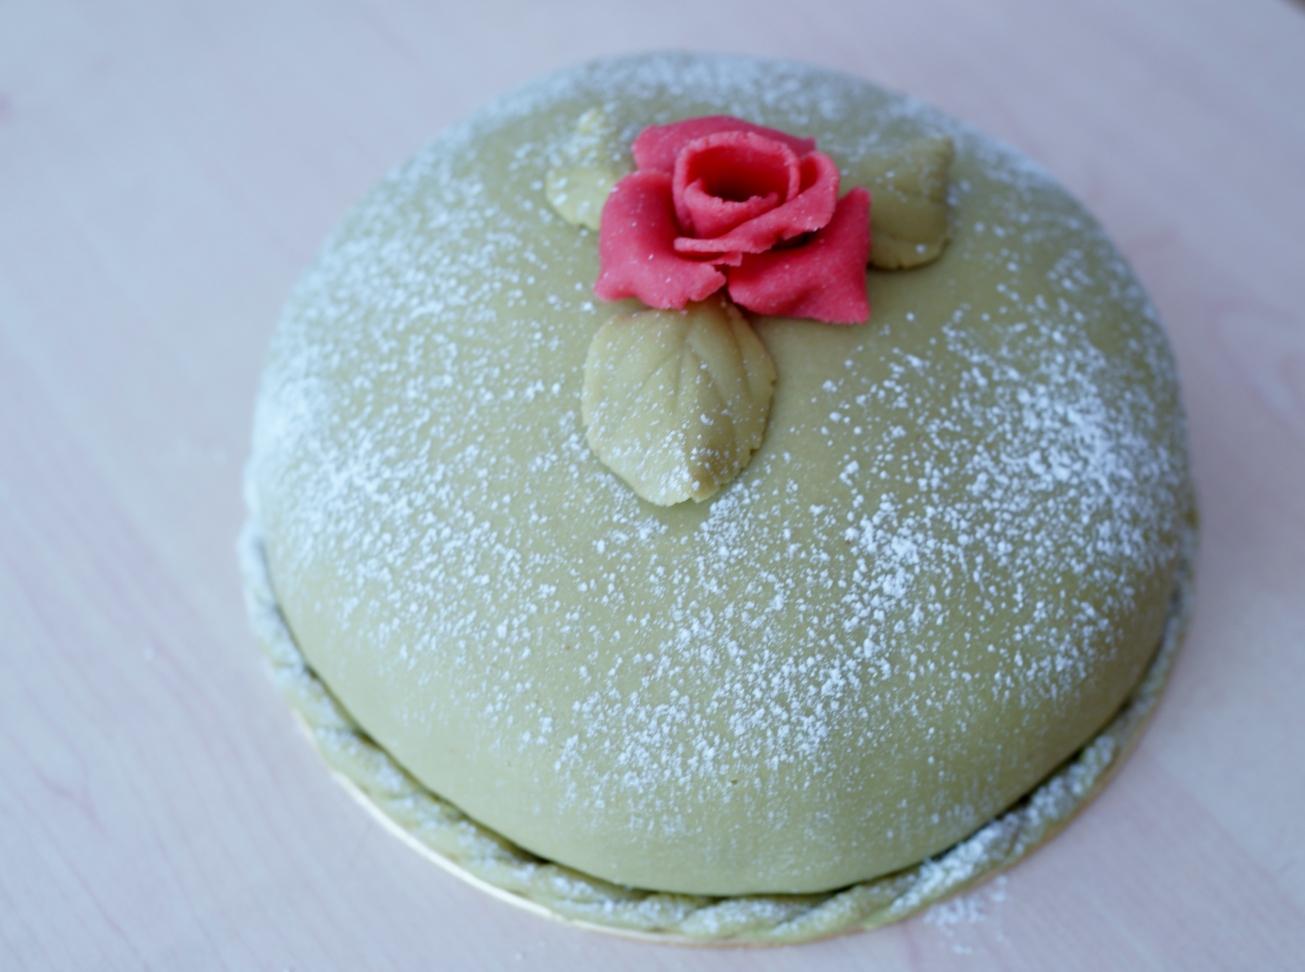 Princesstarta or Princess cake